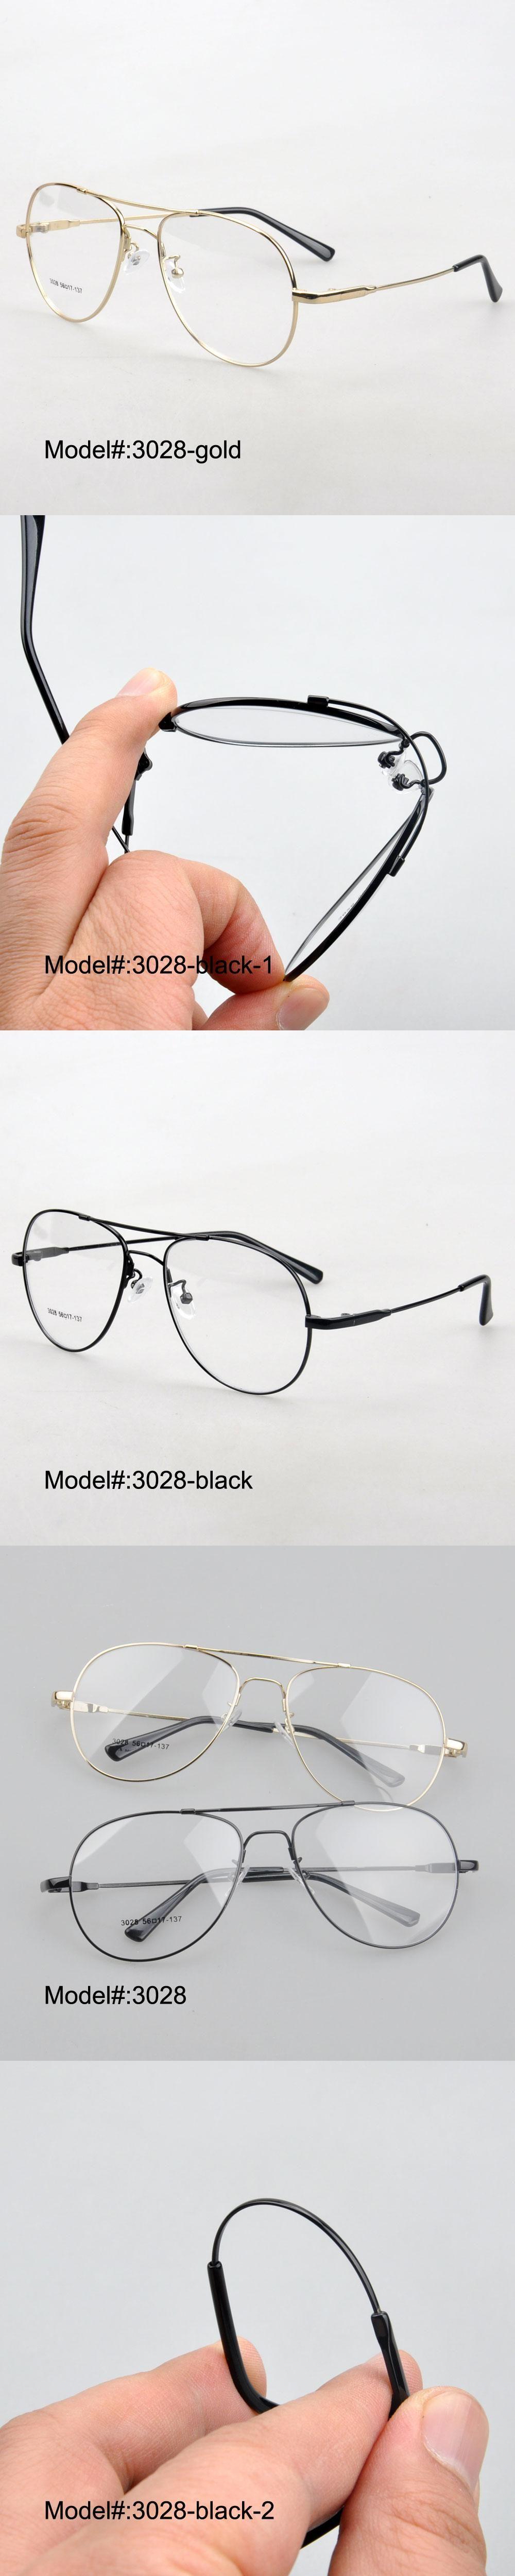 3028 full rim men\'s style memory metal RX optical frames myopia ...